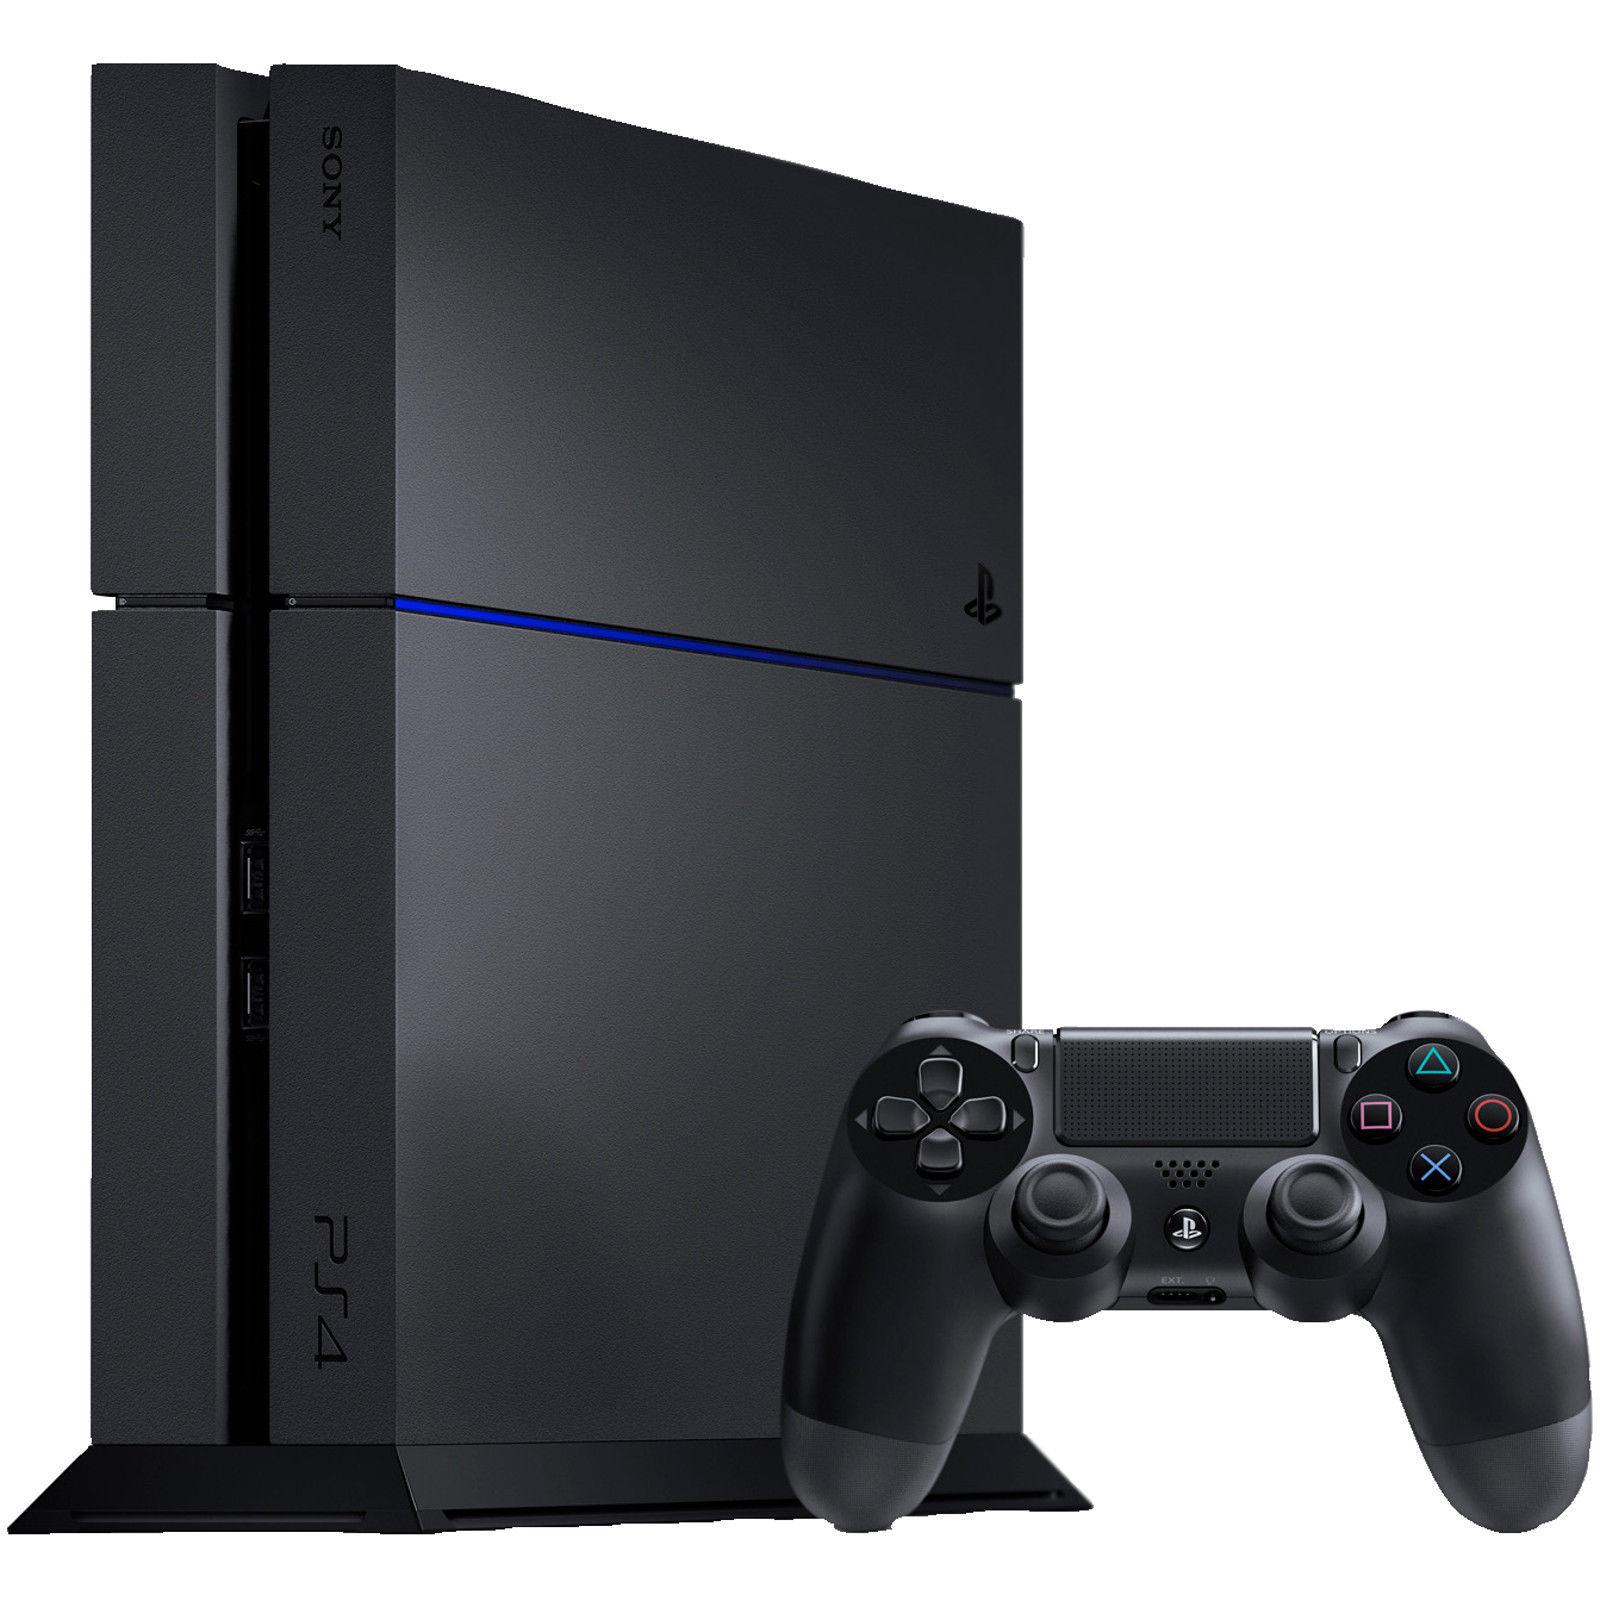 SONY PlayStation 4 Konsole CUH-1216B 1TB Schwarz [EBAY]